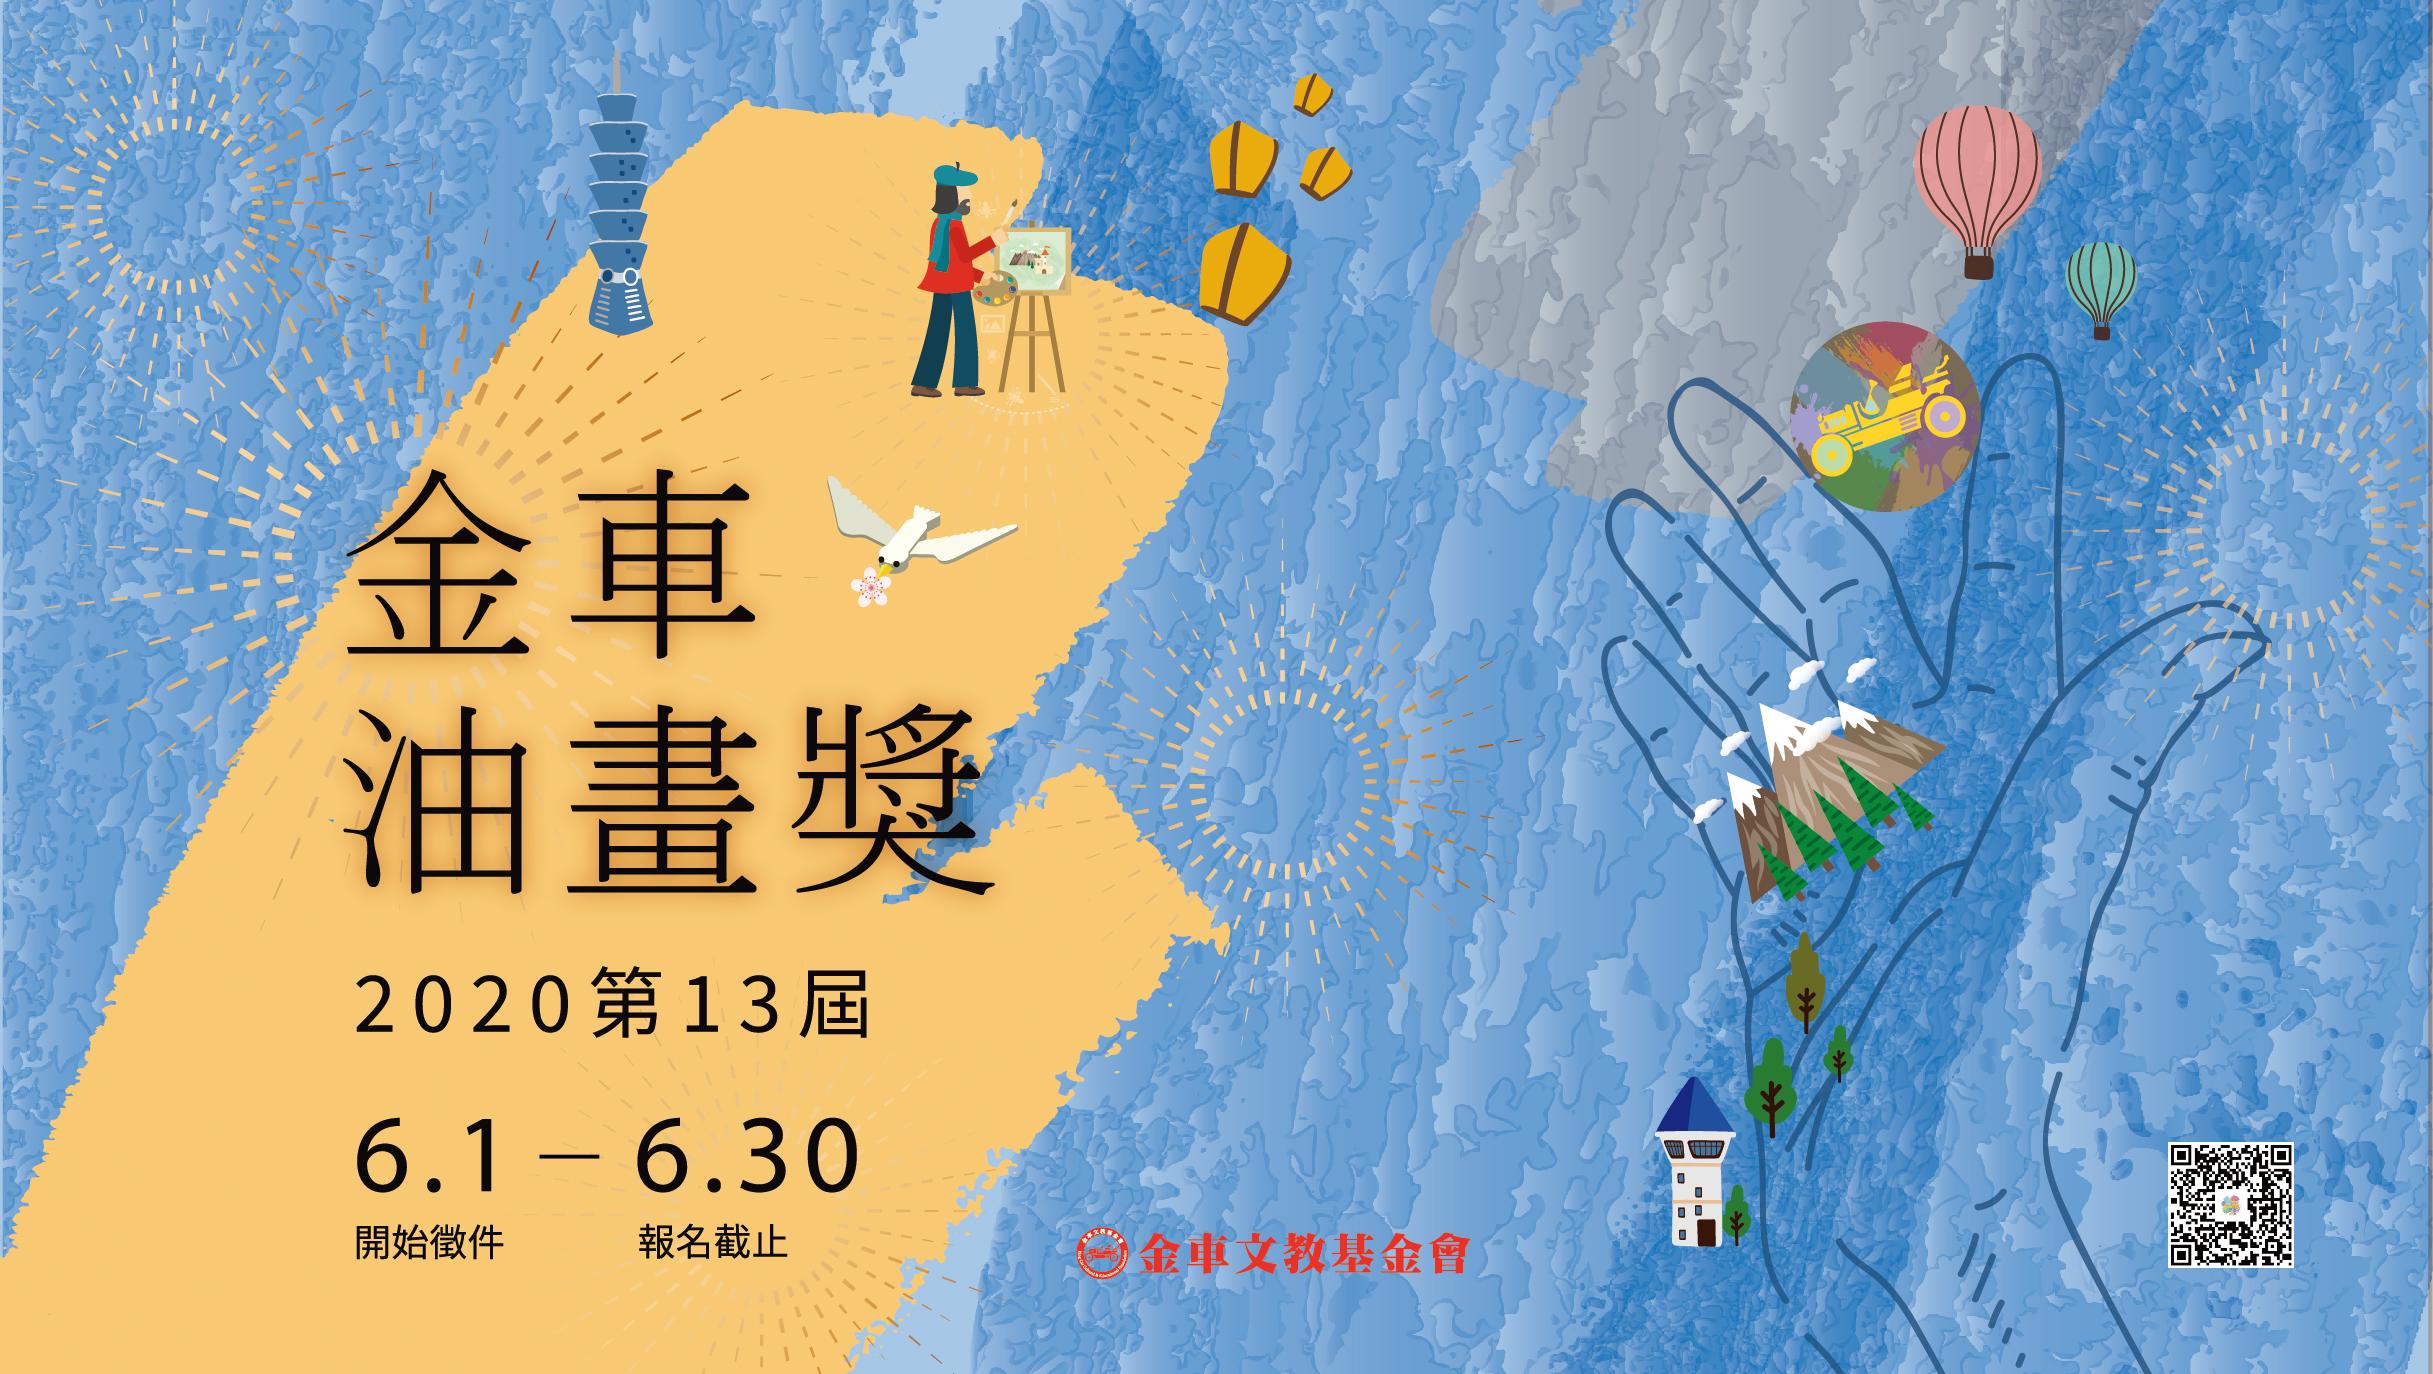 2020第13屆金車油畫獎